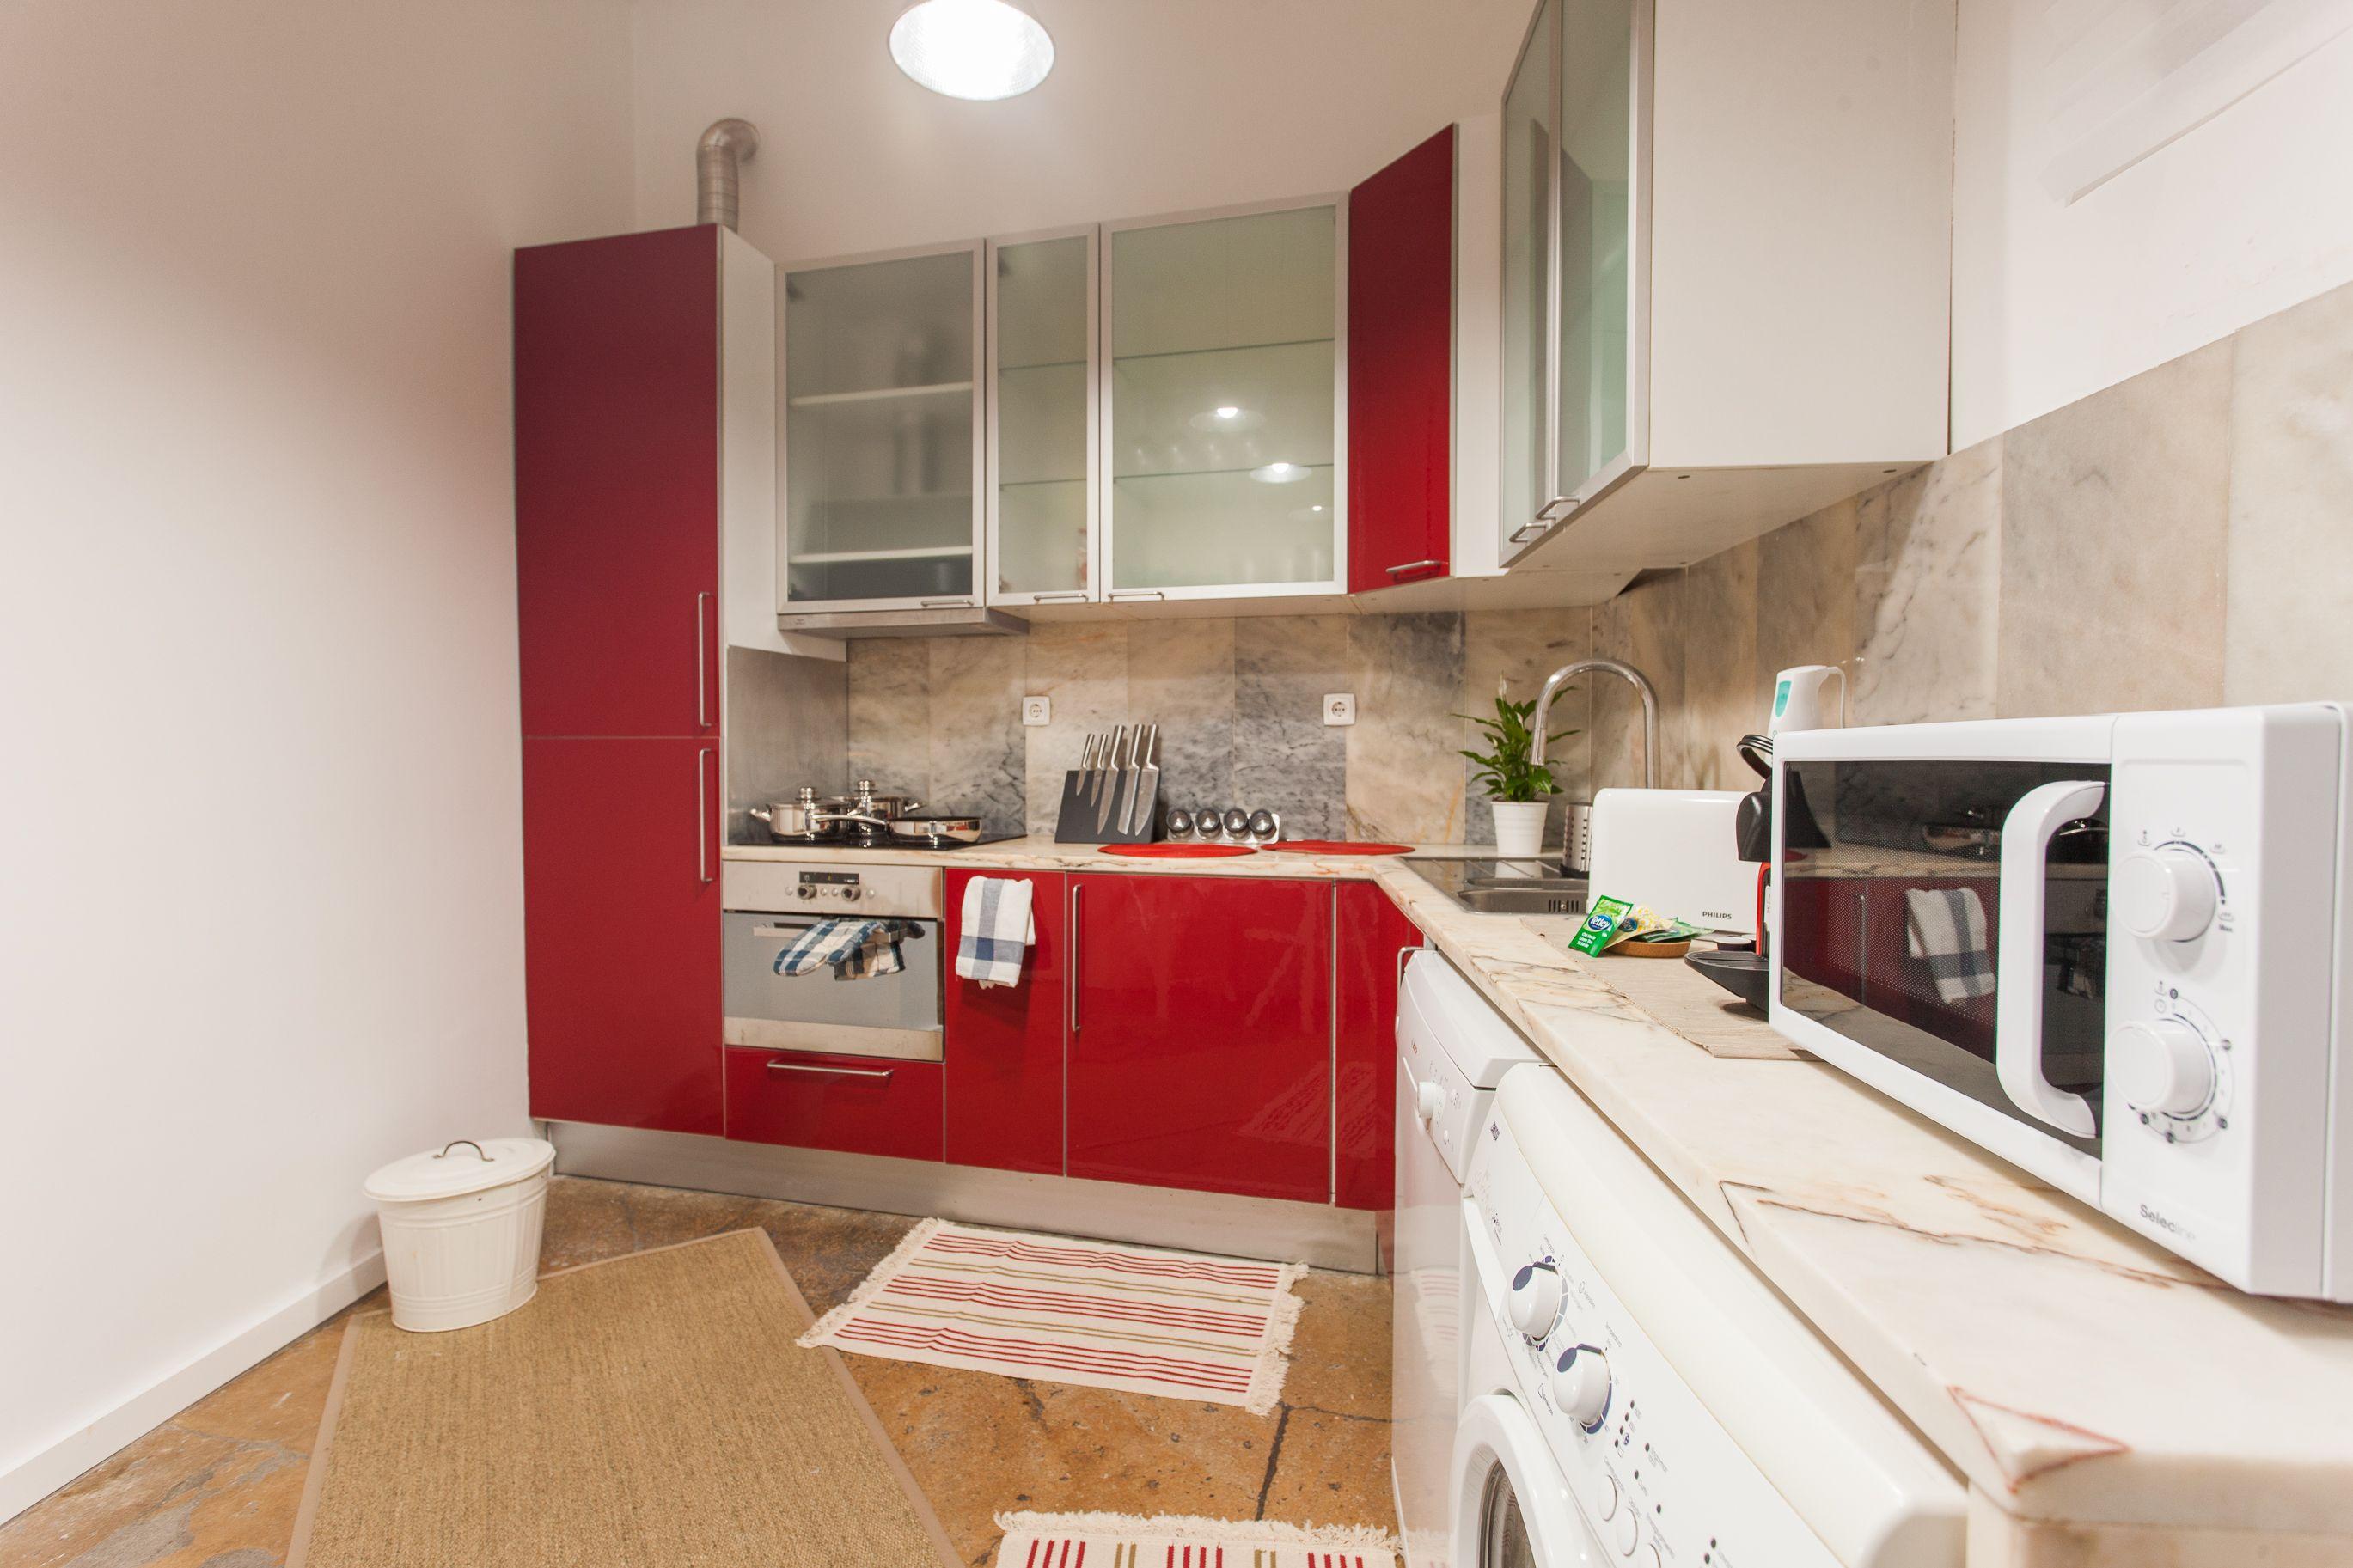 Cozinha ducastro apartment rua cais de santarém nº ºesq no